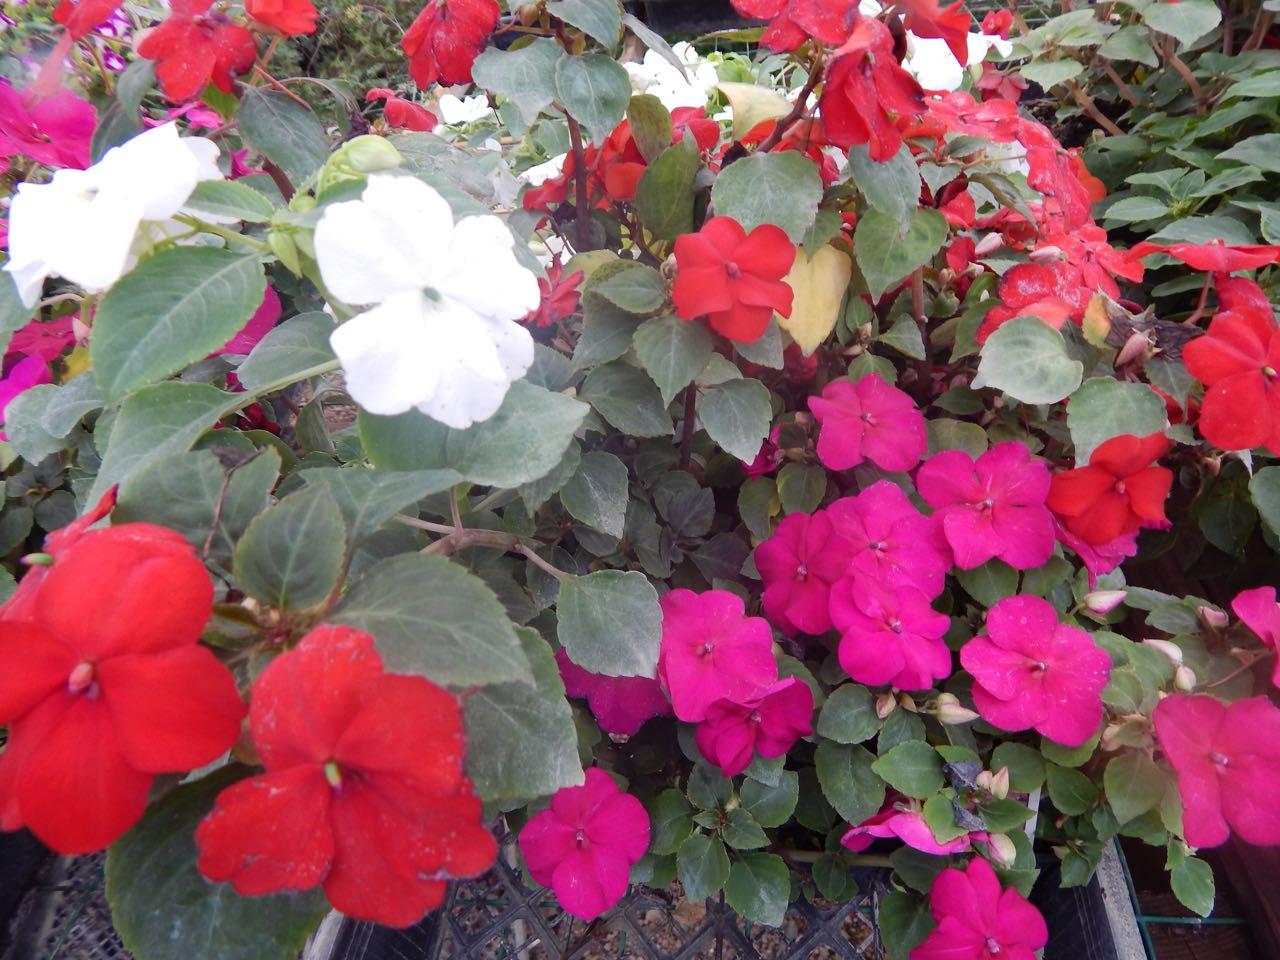 Flowers Mayflower Nursery Pierce Nebraska